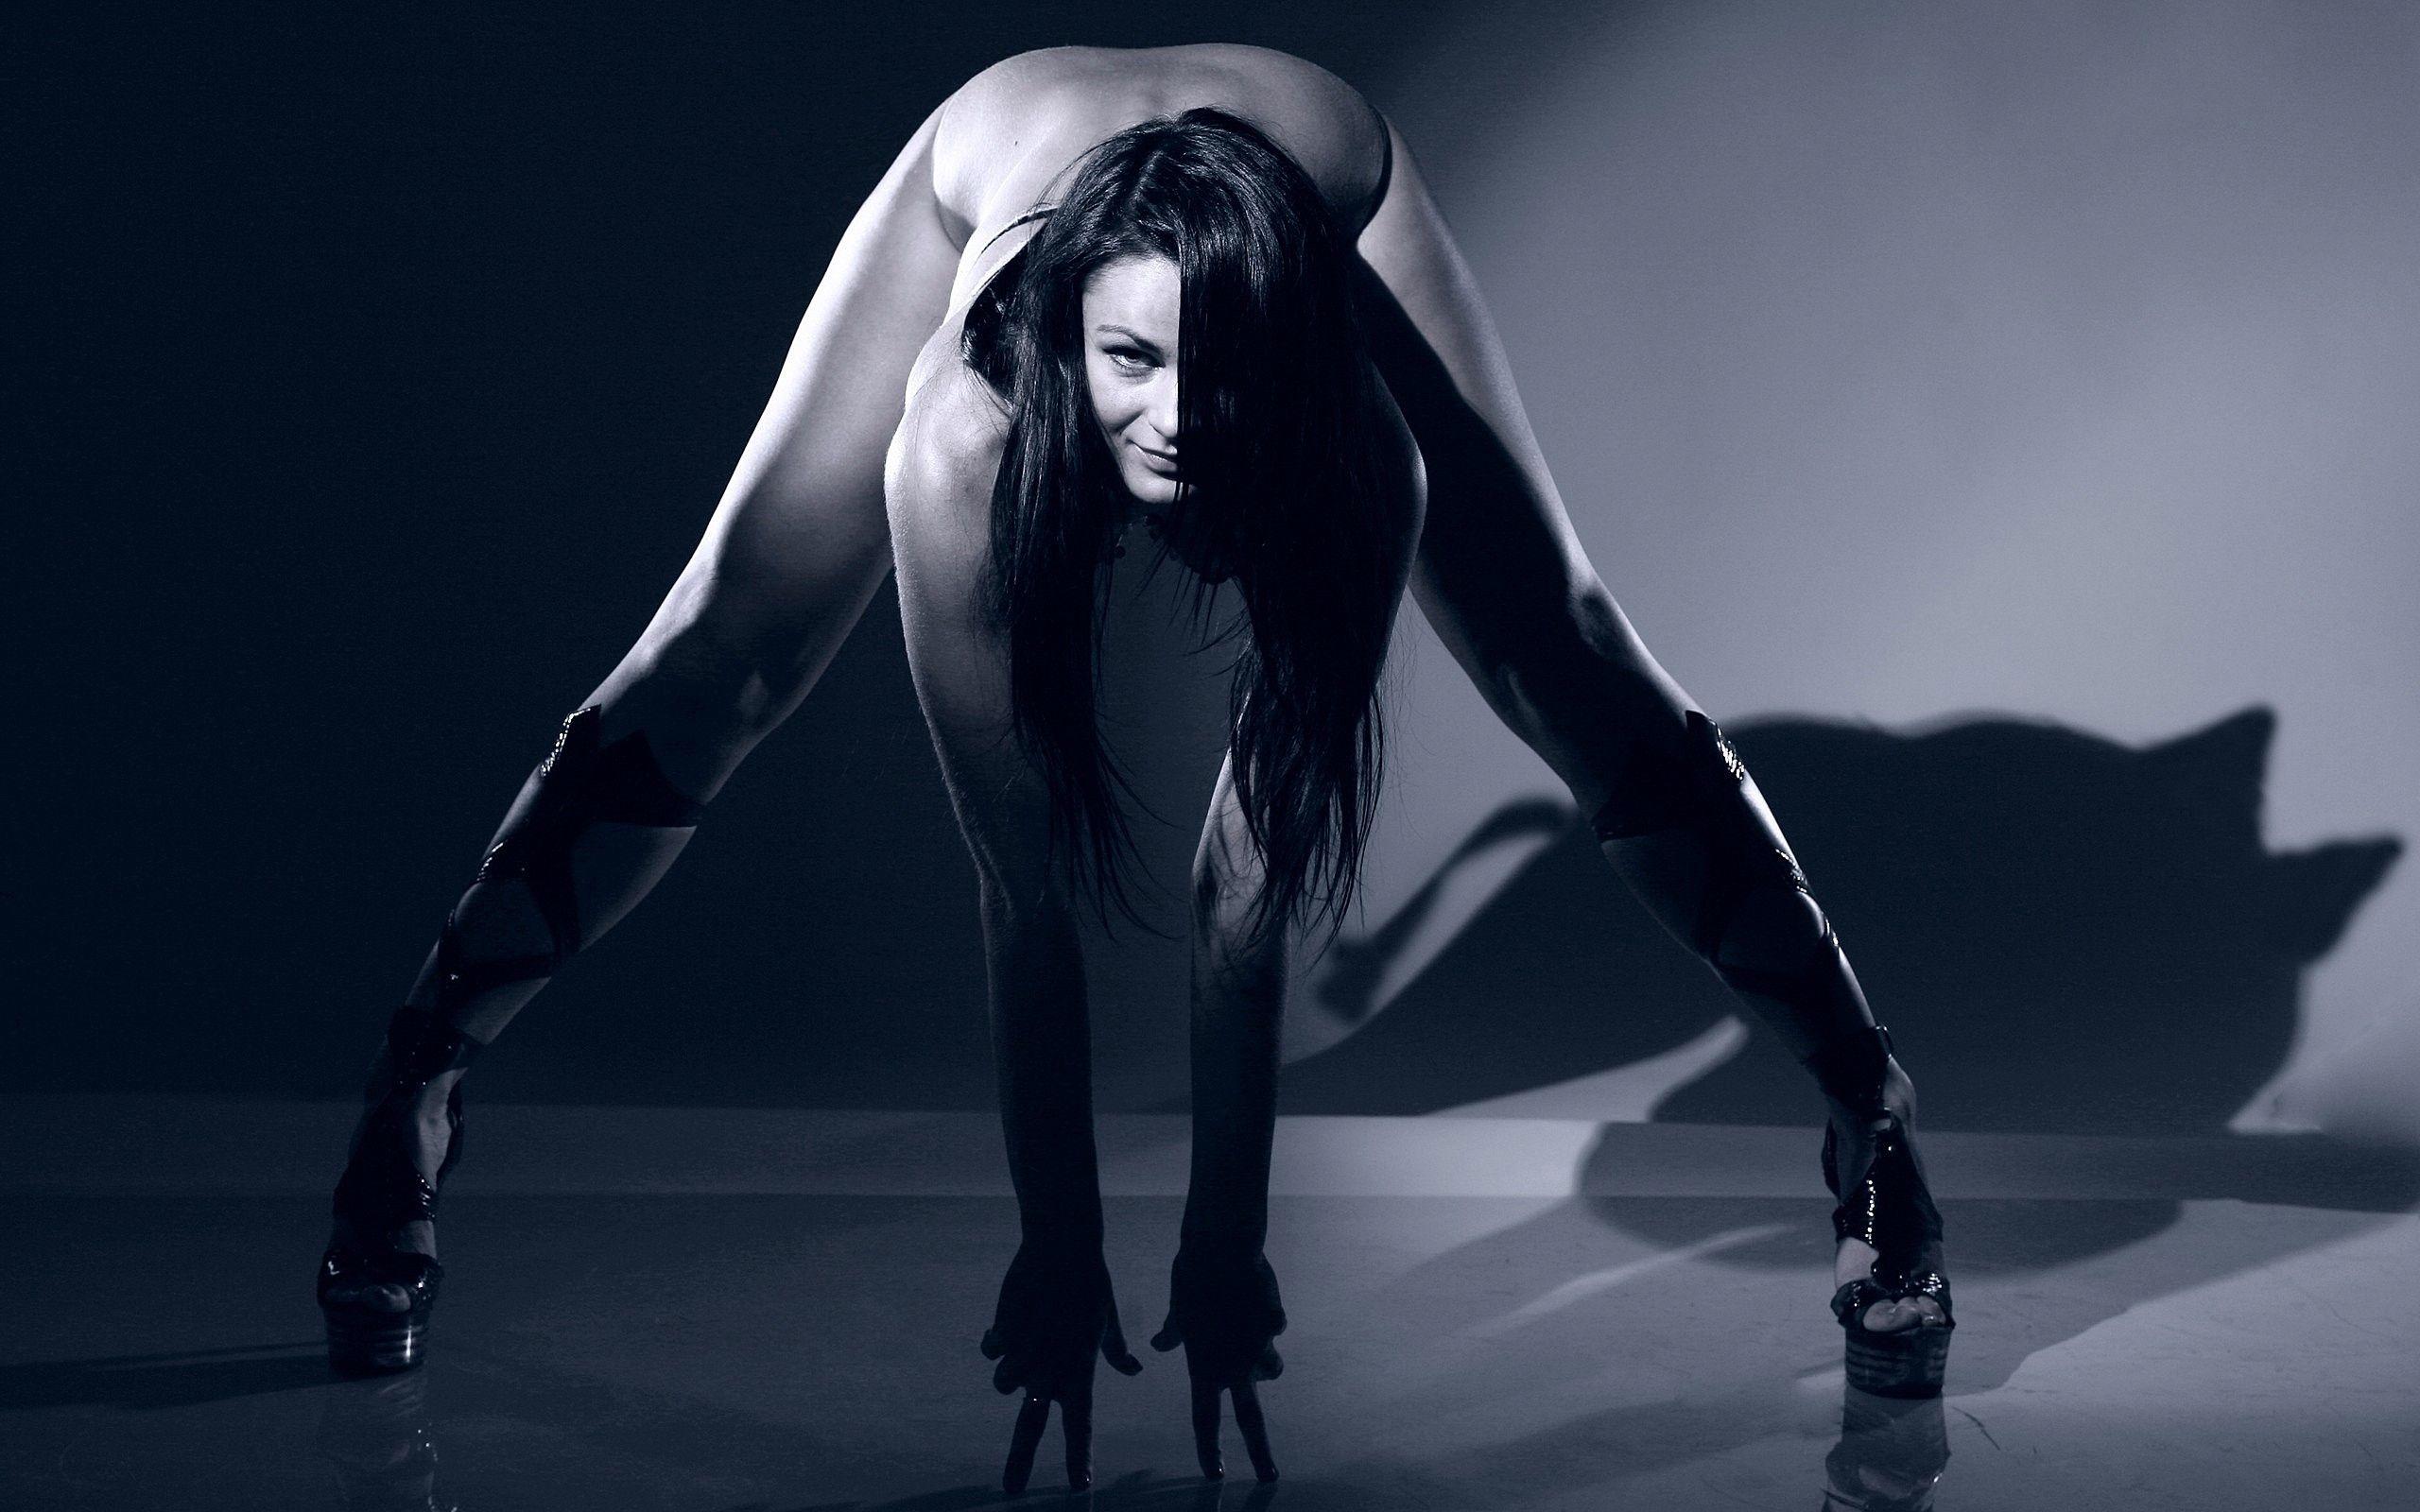 Раздвигает ноги под юбкой она